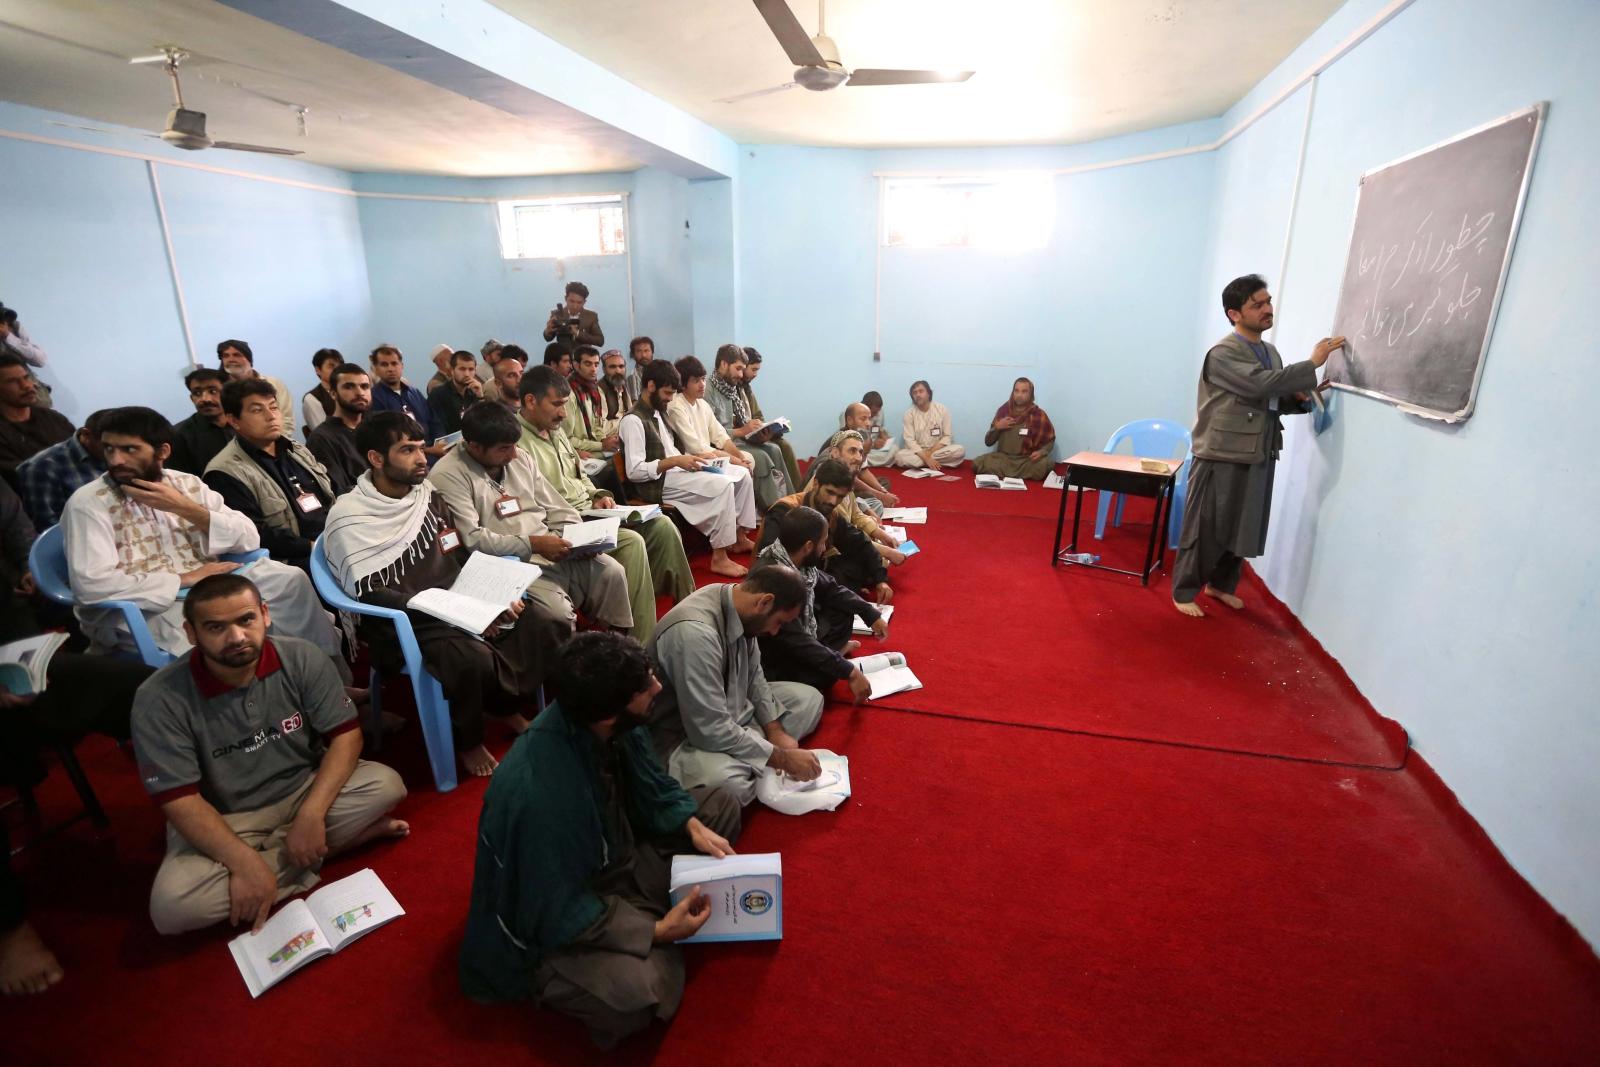 Nauka w afgańskim więzieniu Herat. Międzynarodowe organizacje zajmujące się prawami człowieka wzywają rząd afgański do udzielania więźniom pomocy prawnej, umiejętności pisania i wykształcenia oraz kształcenia zawodowego w więzieniach, które umożliwiłyby im zdobycie umiejętności marketingowych. Fot. PAP/EPA/JALIL REZAYEE